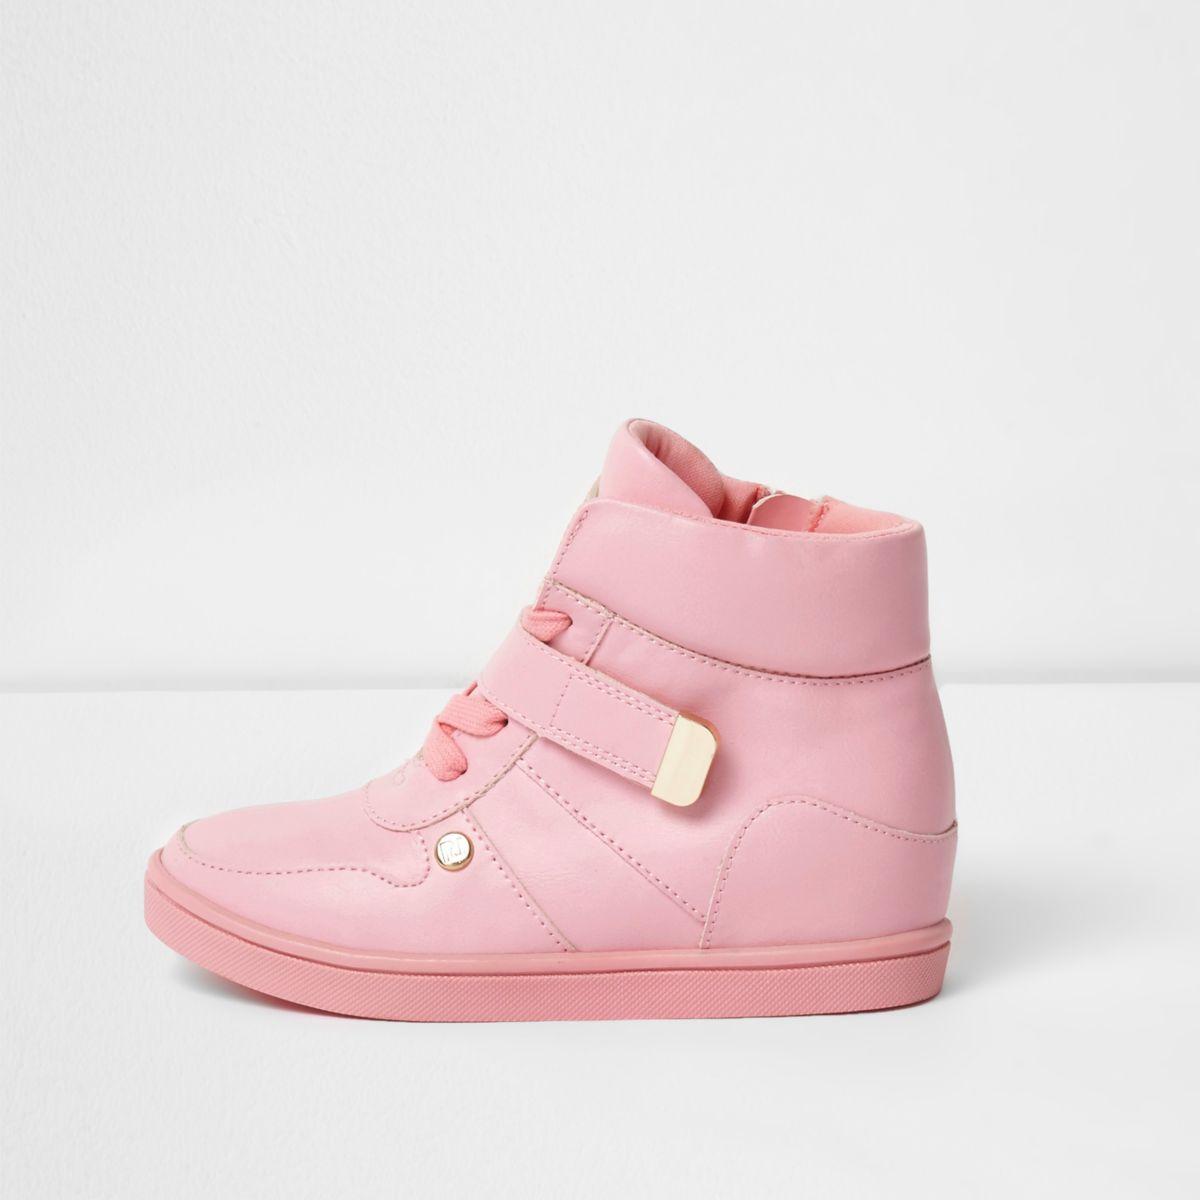 Baskets montantes roses compensées pour fille